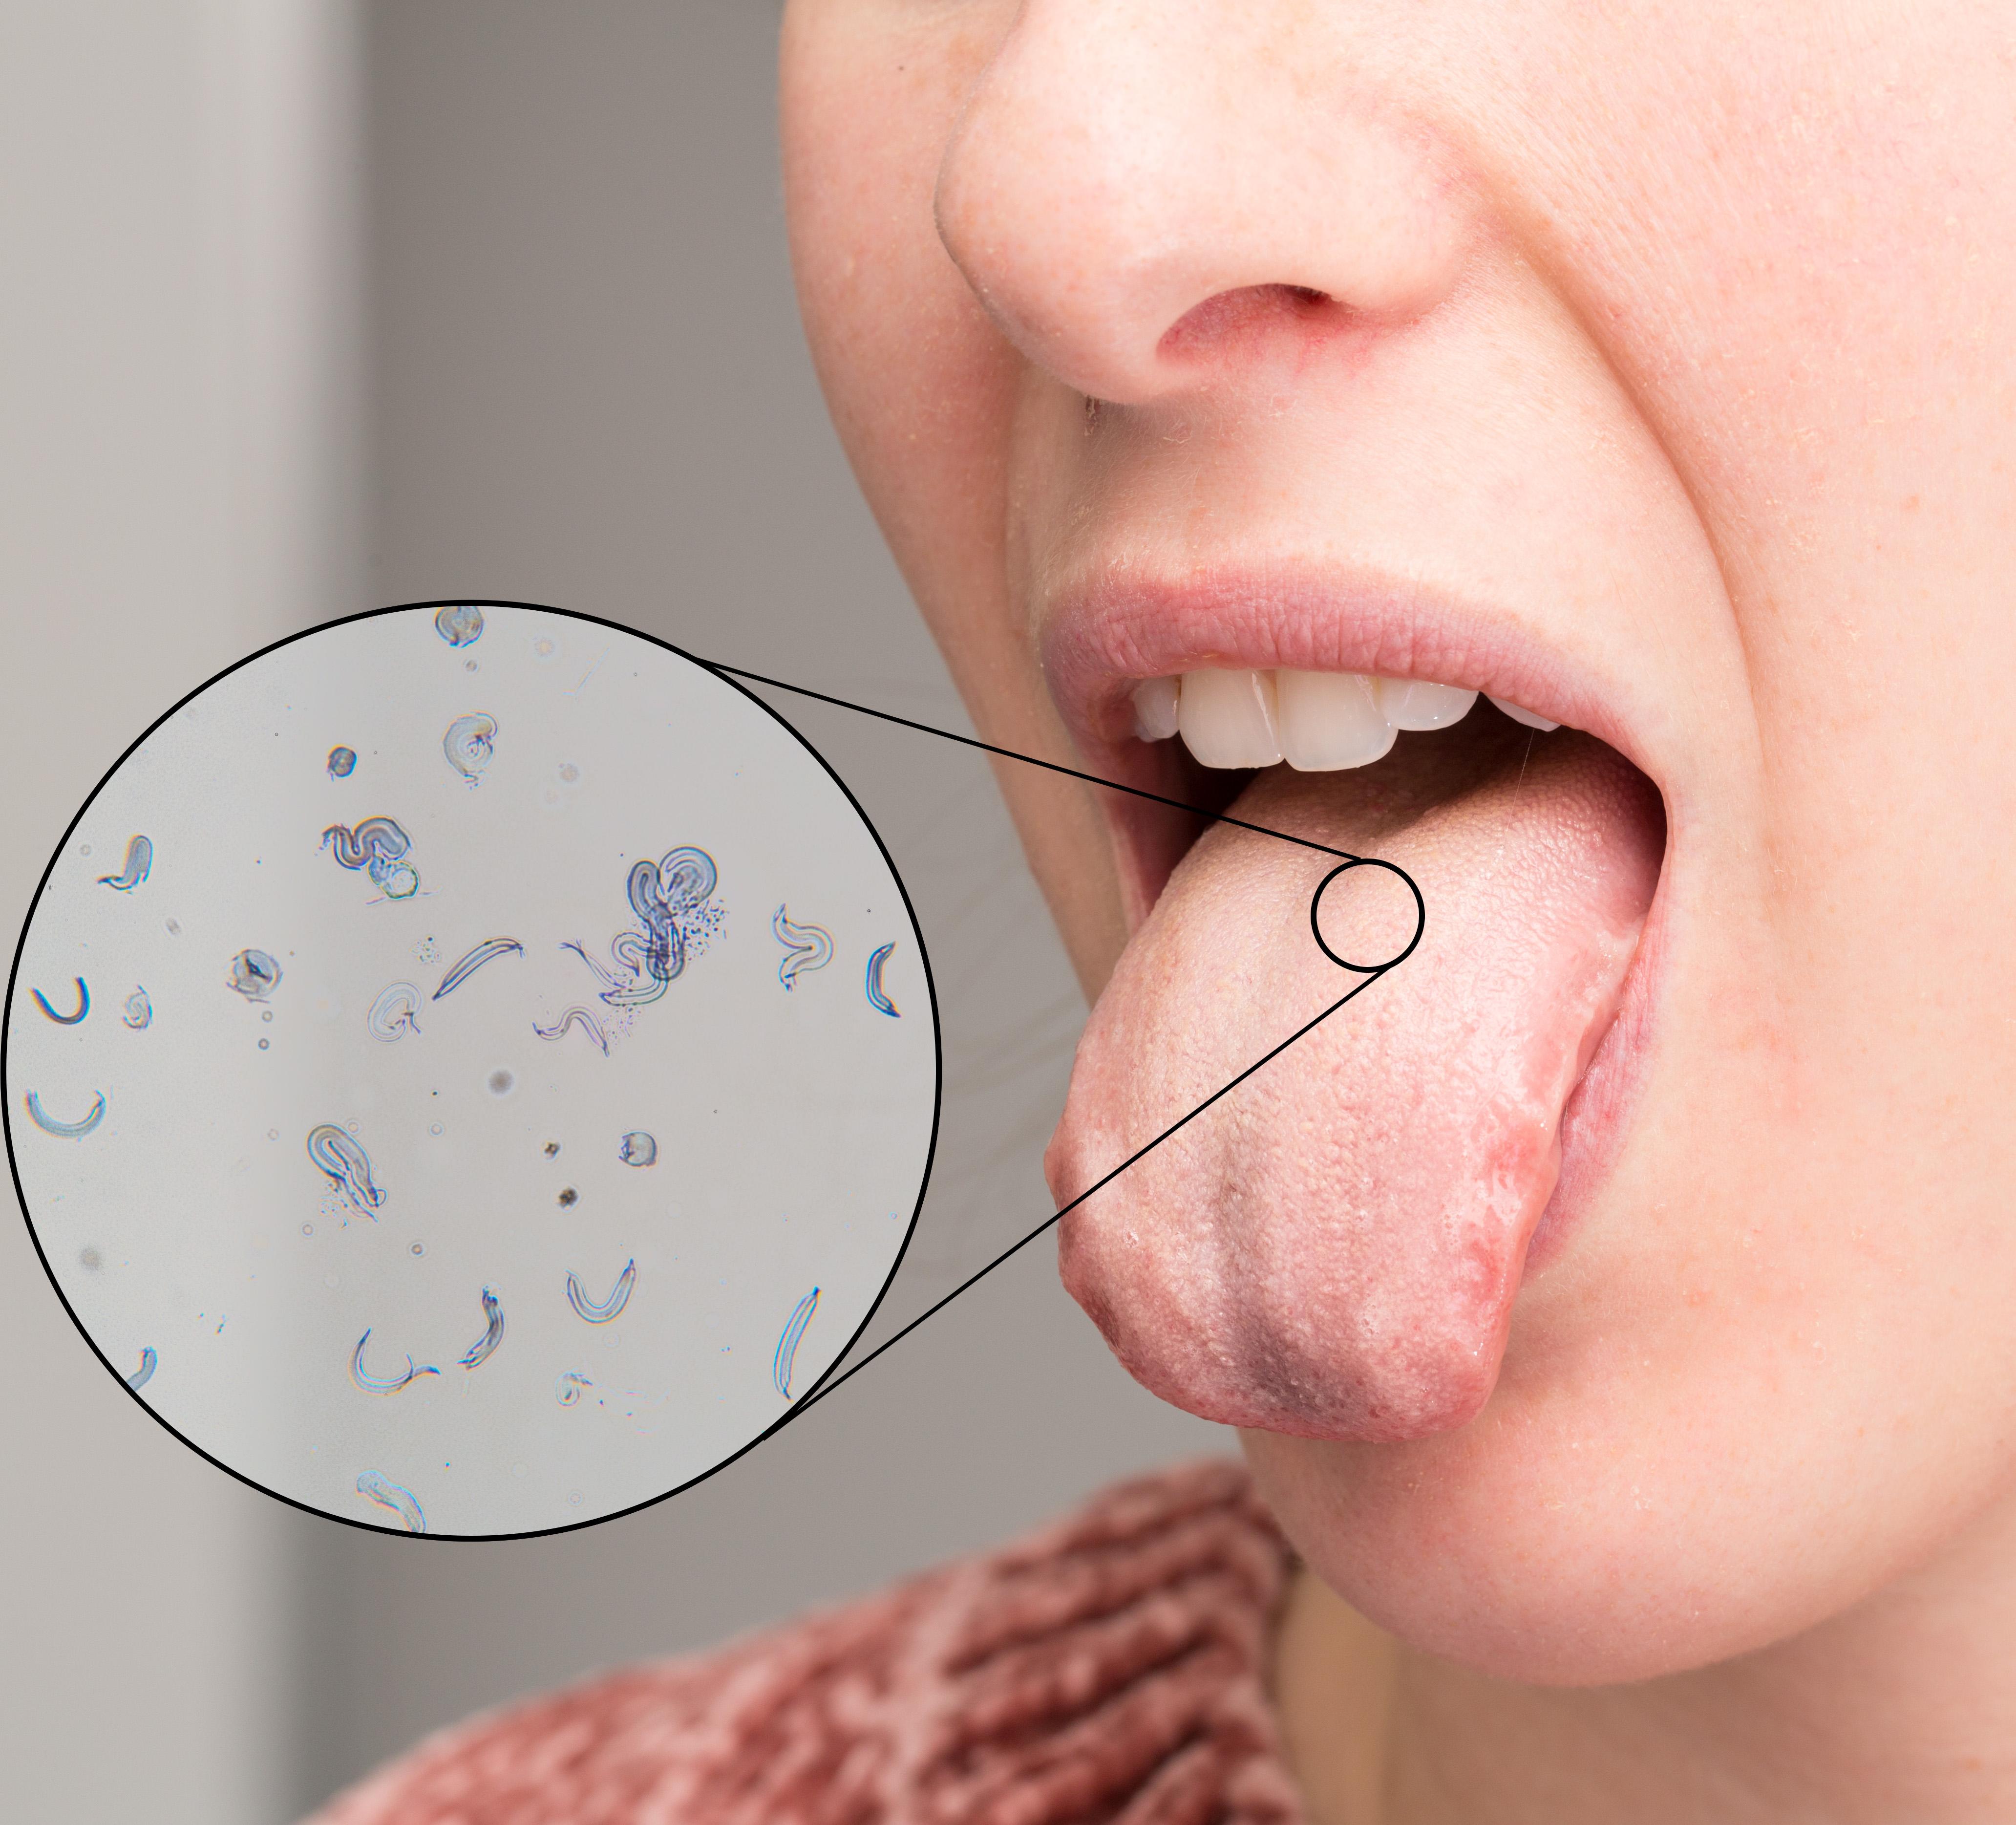 Nästan varannan person drabbas någon gång av svamp i munnen.